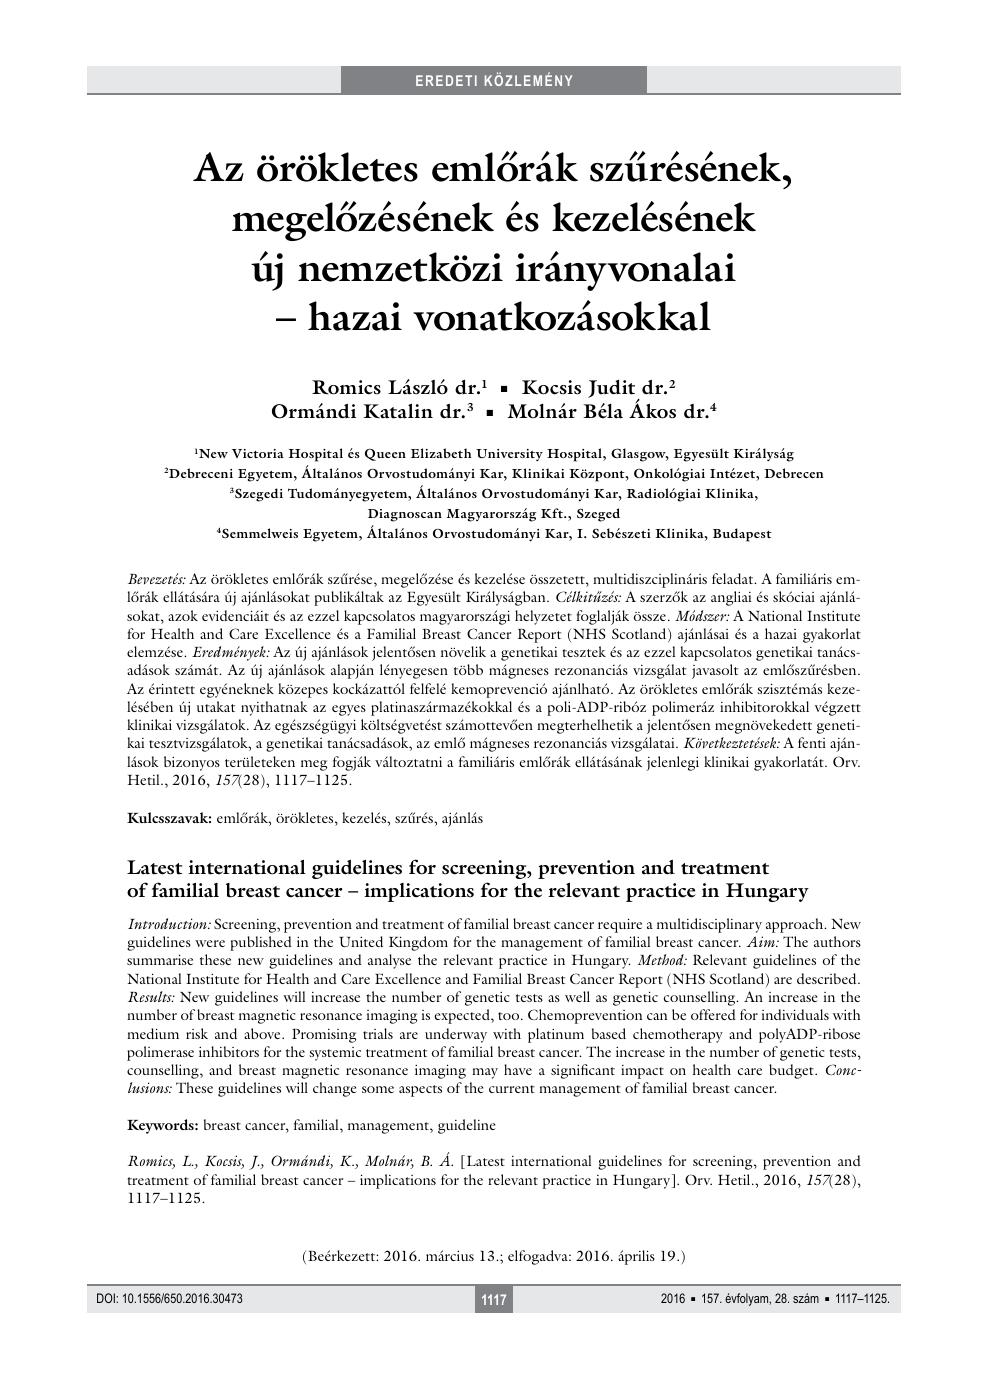 enterobiosis kezelés megelőzése